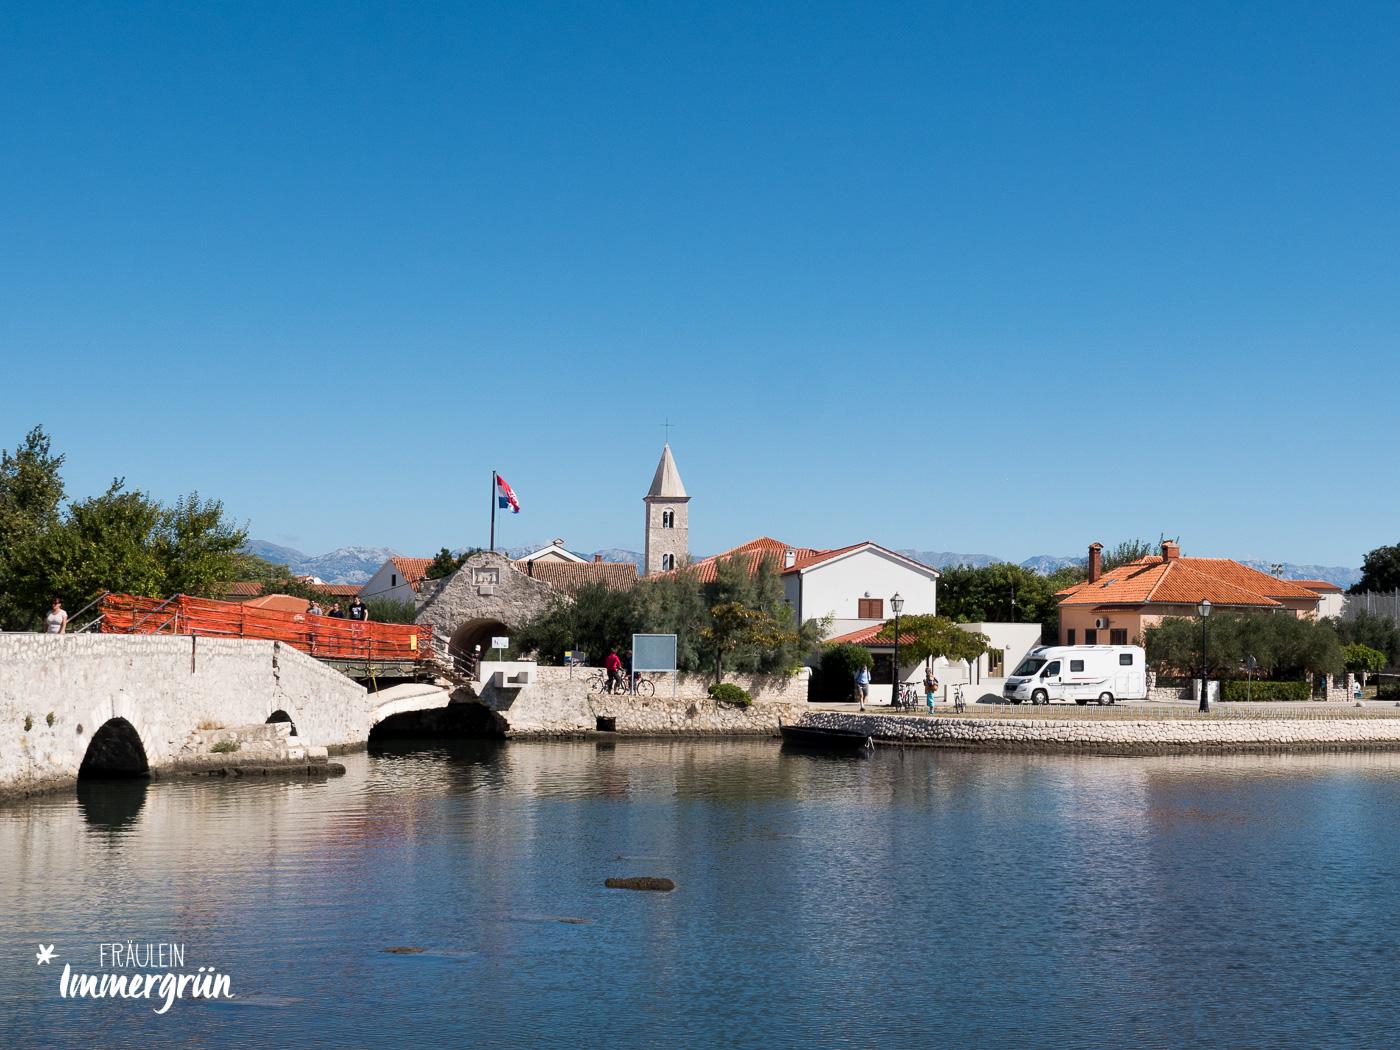 Dalmatien in Kroatien: Urlaub an der dalmatinischen Küste in der Nebensaison – Hafenstadt Nin